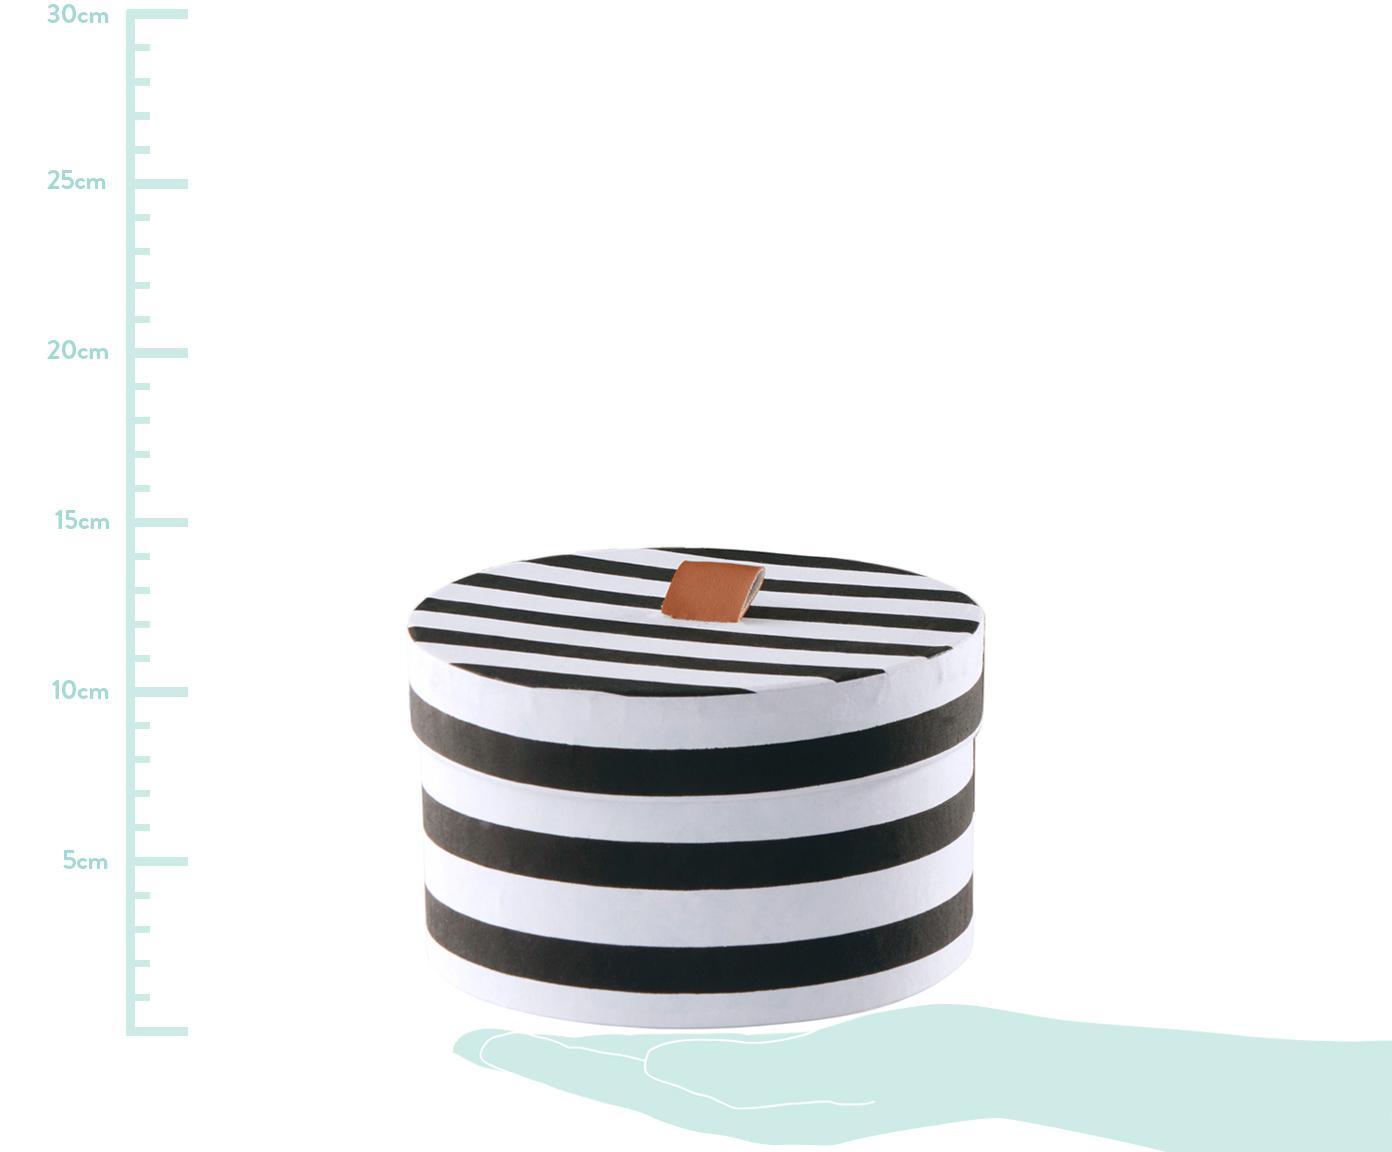 Aufbewahrungsboxen-Set Dizzy, 3-tlg., Karton, Schwarz, Weiß, Braun, Sondergrößen